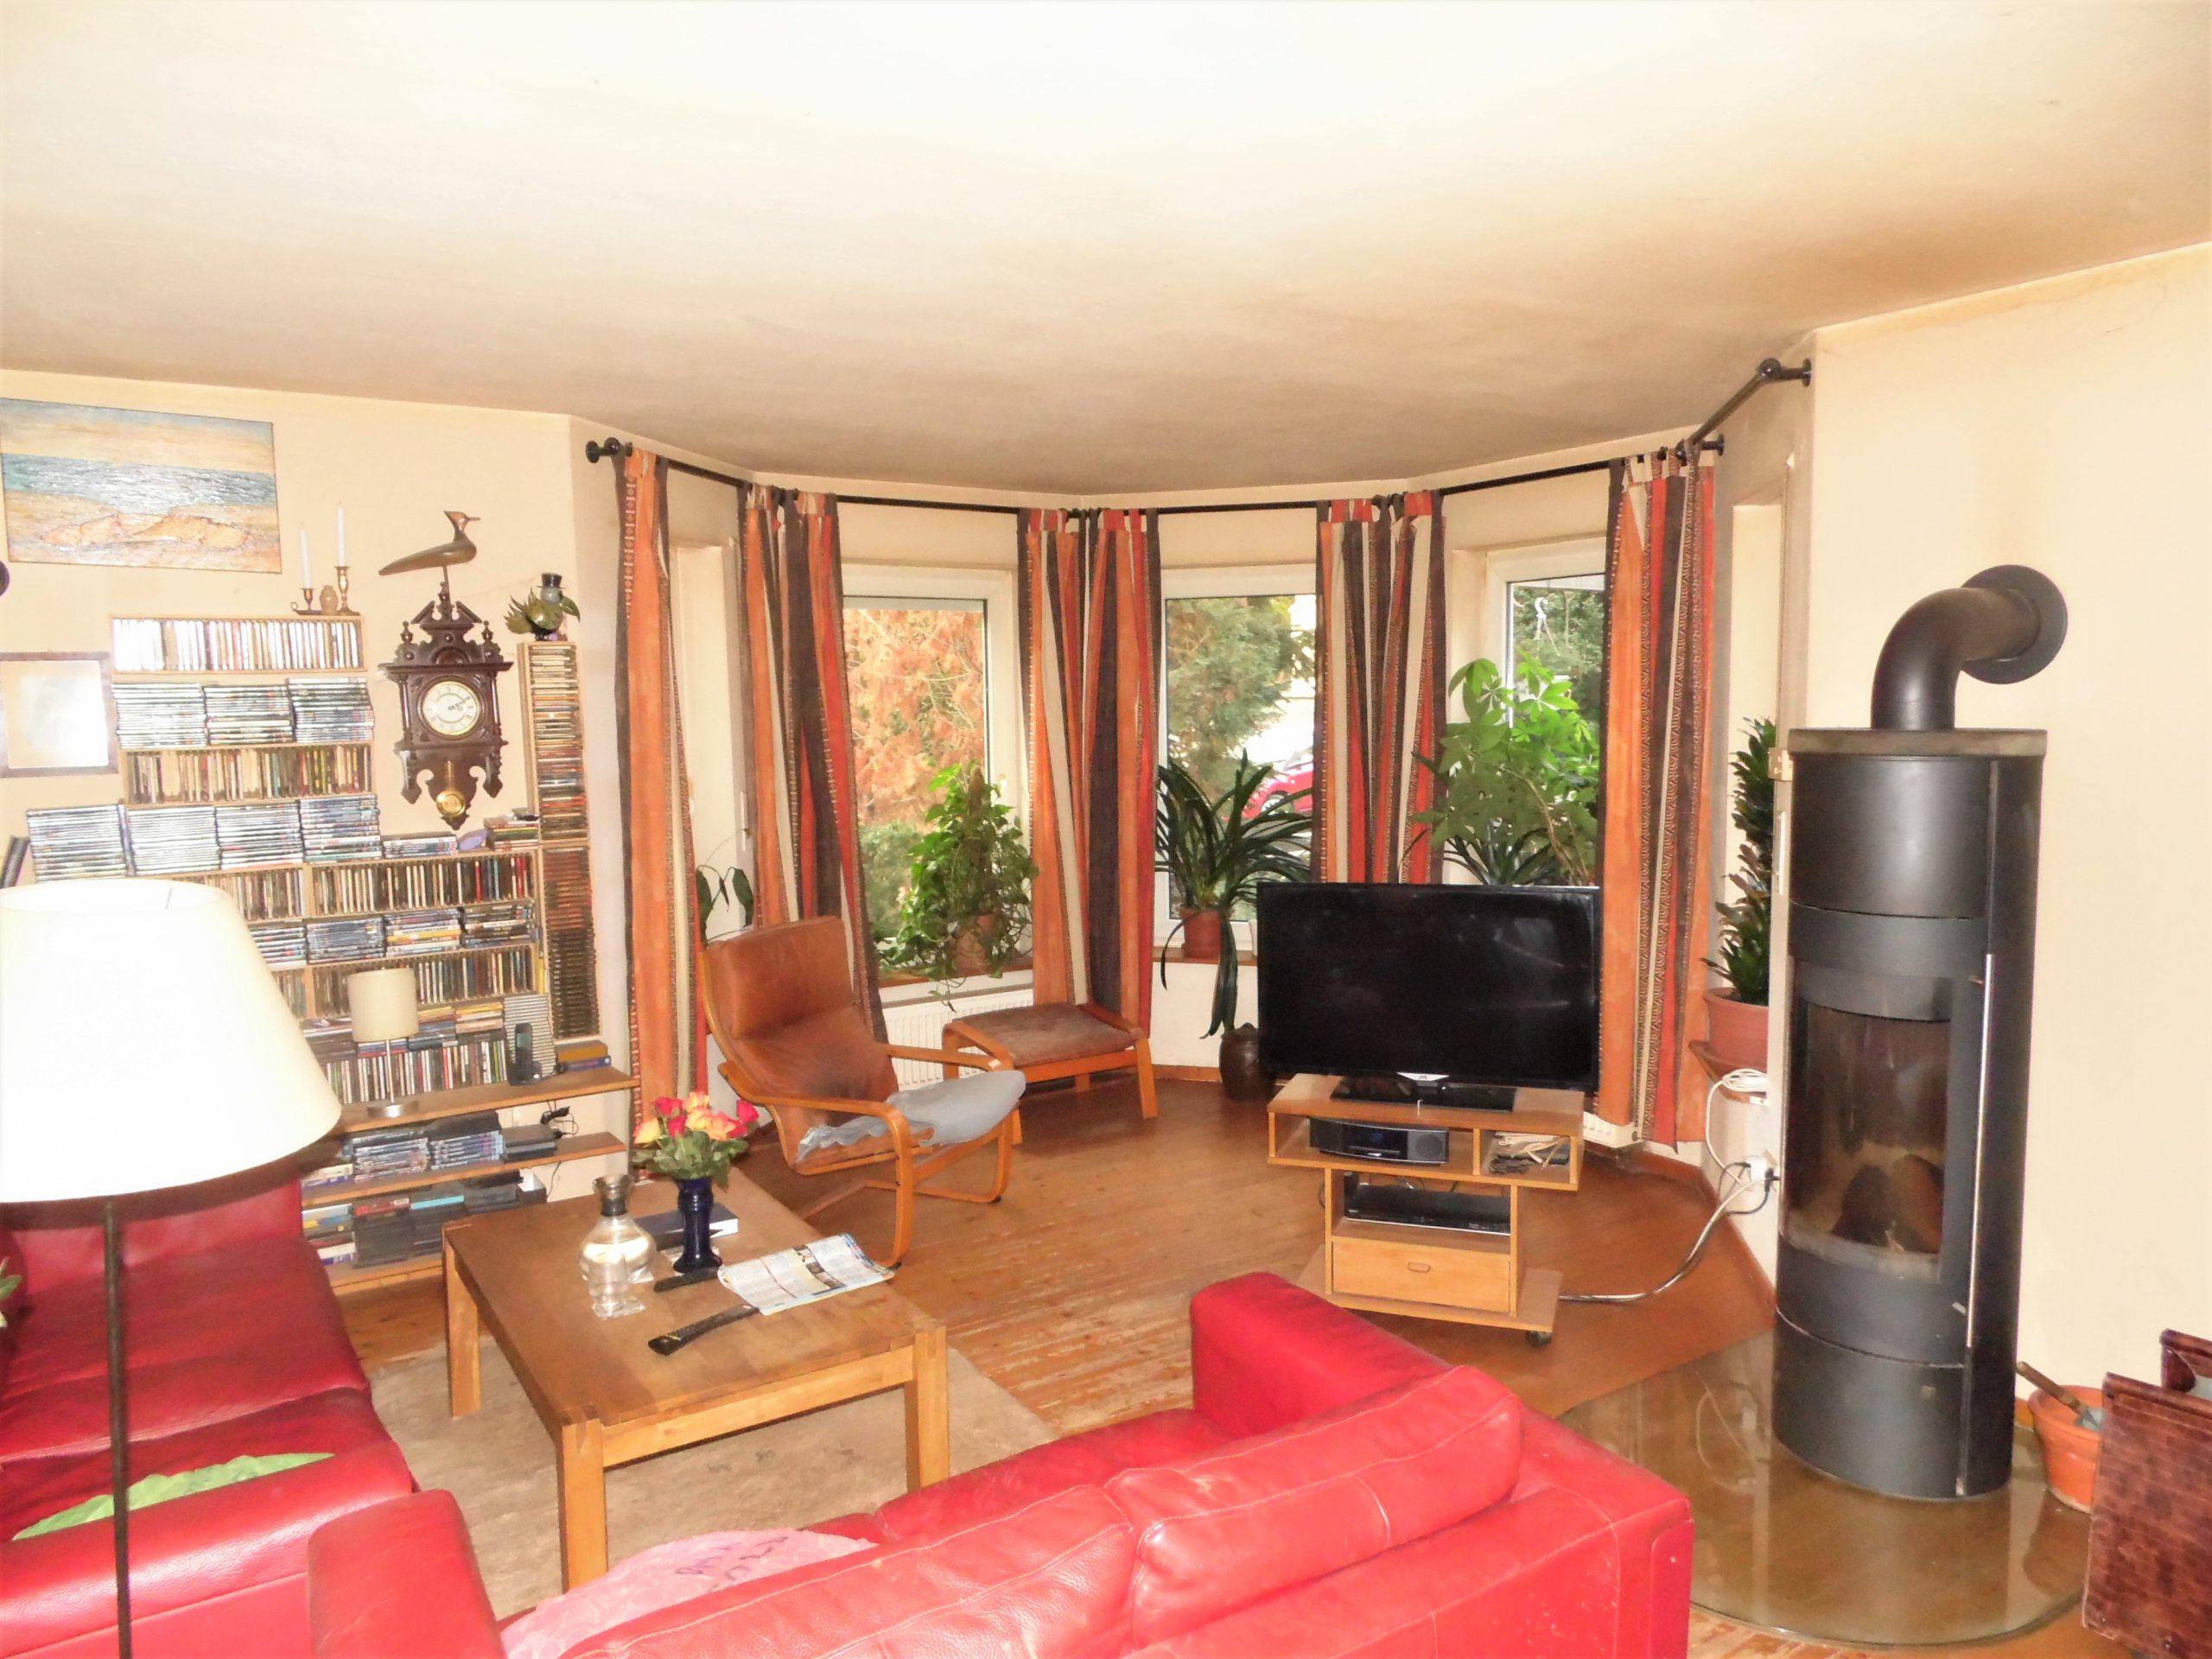 Einfamilienhaus Rothenburg - großzügiges und helles Wohnzimmer